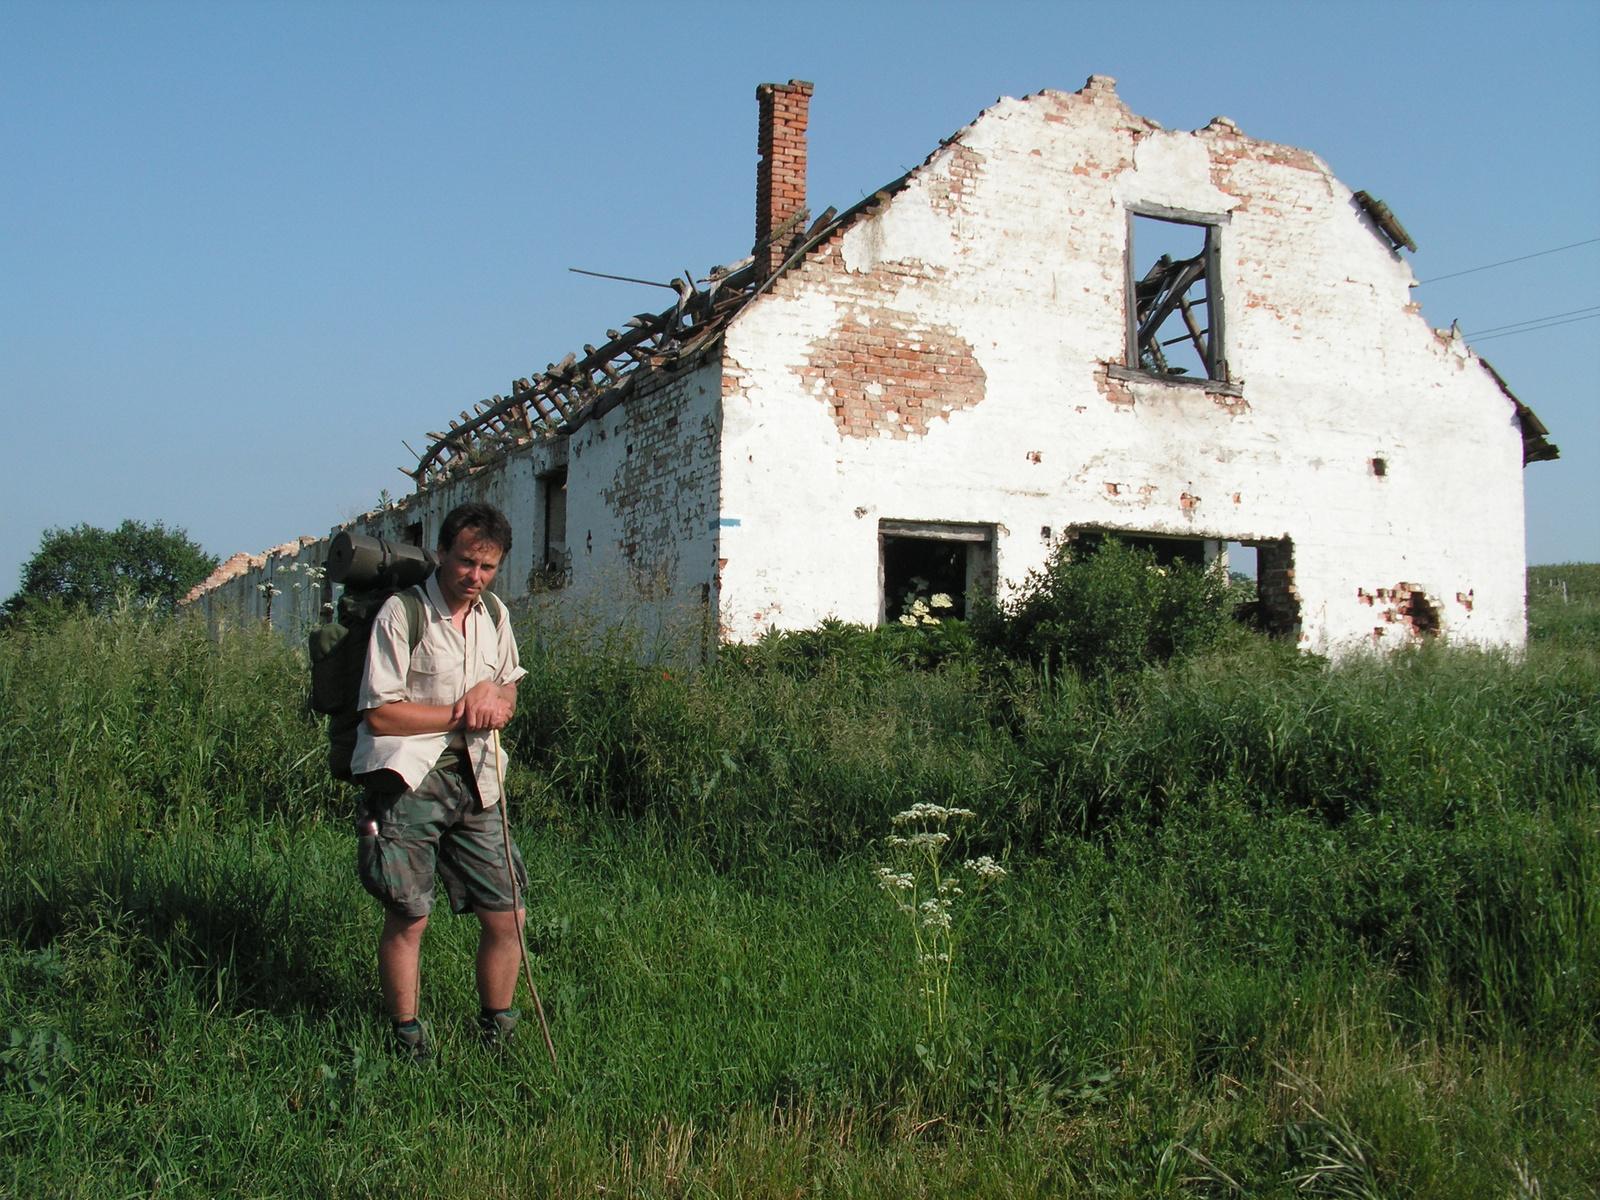 464 Baktakék, hajdani istálló 2008-ban